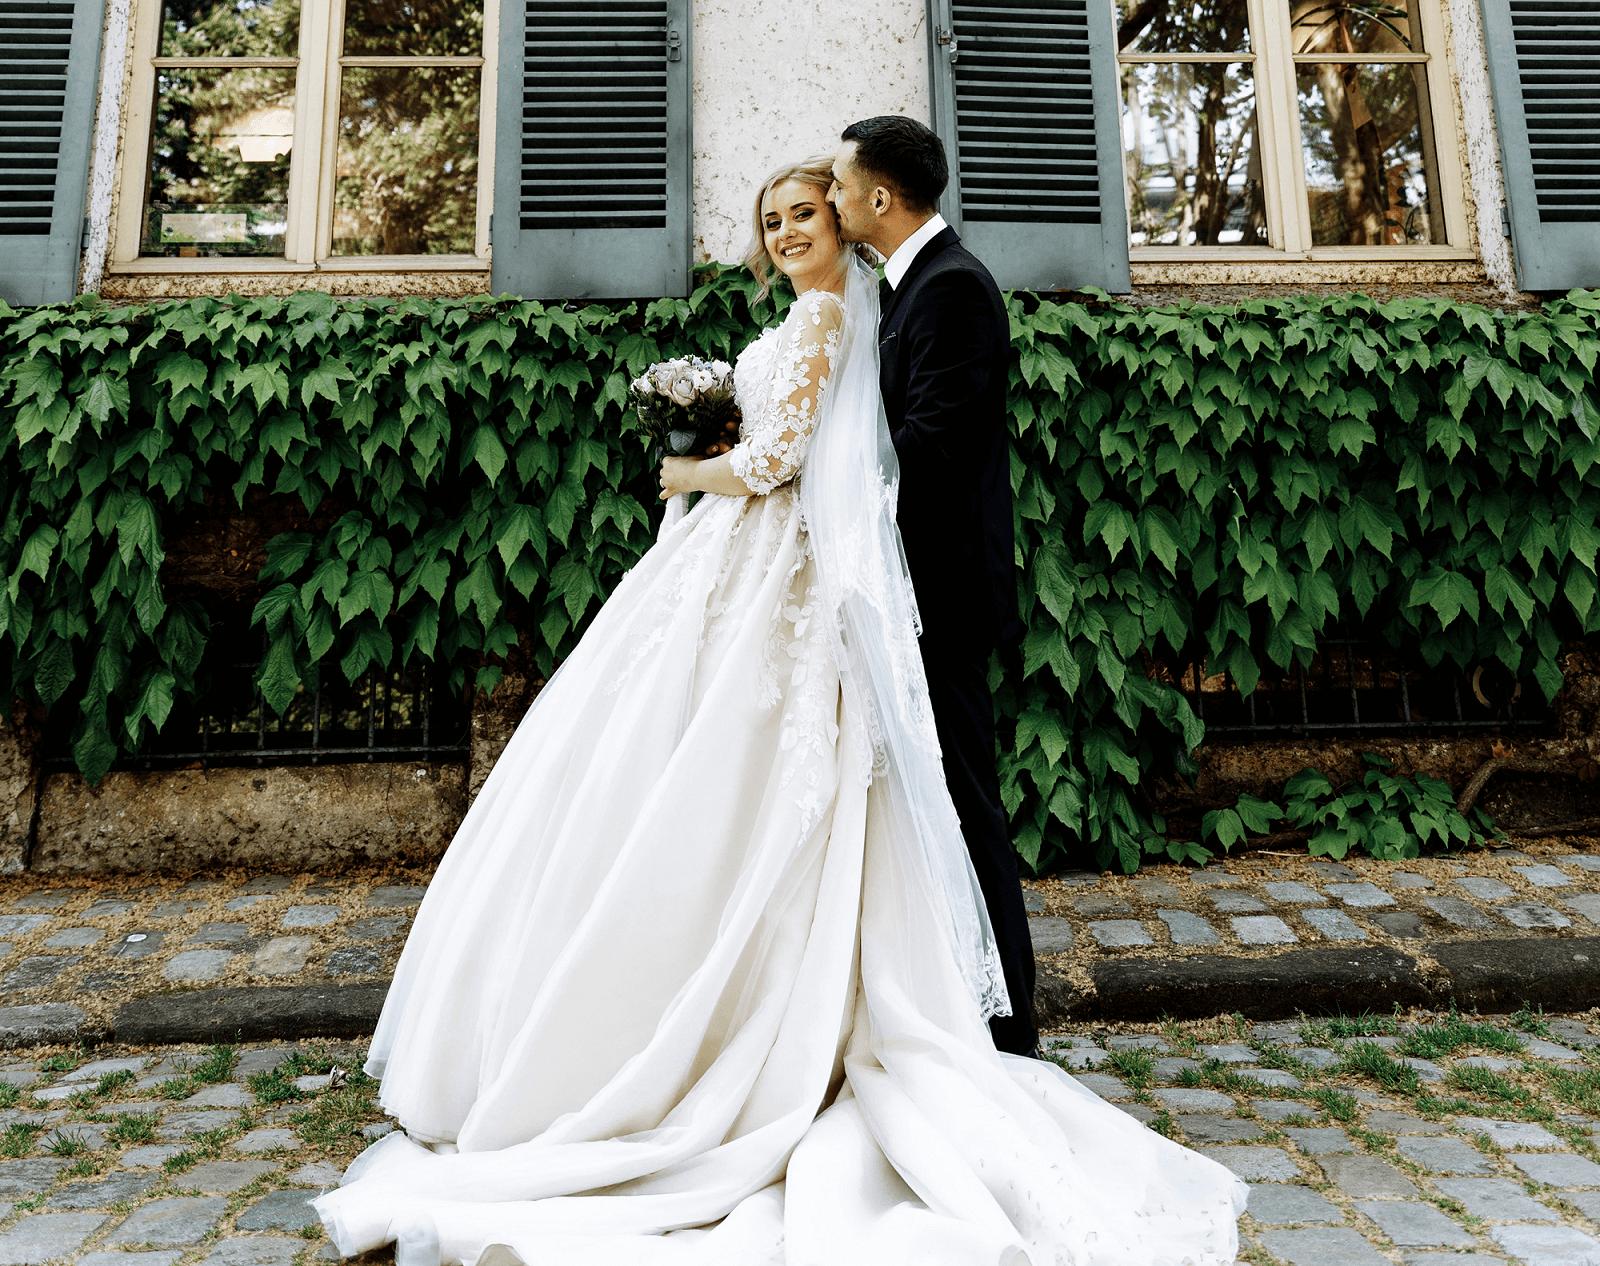 Тест: какой будет ваша идеальная свадьба